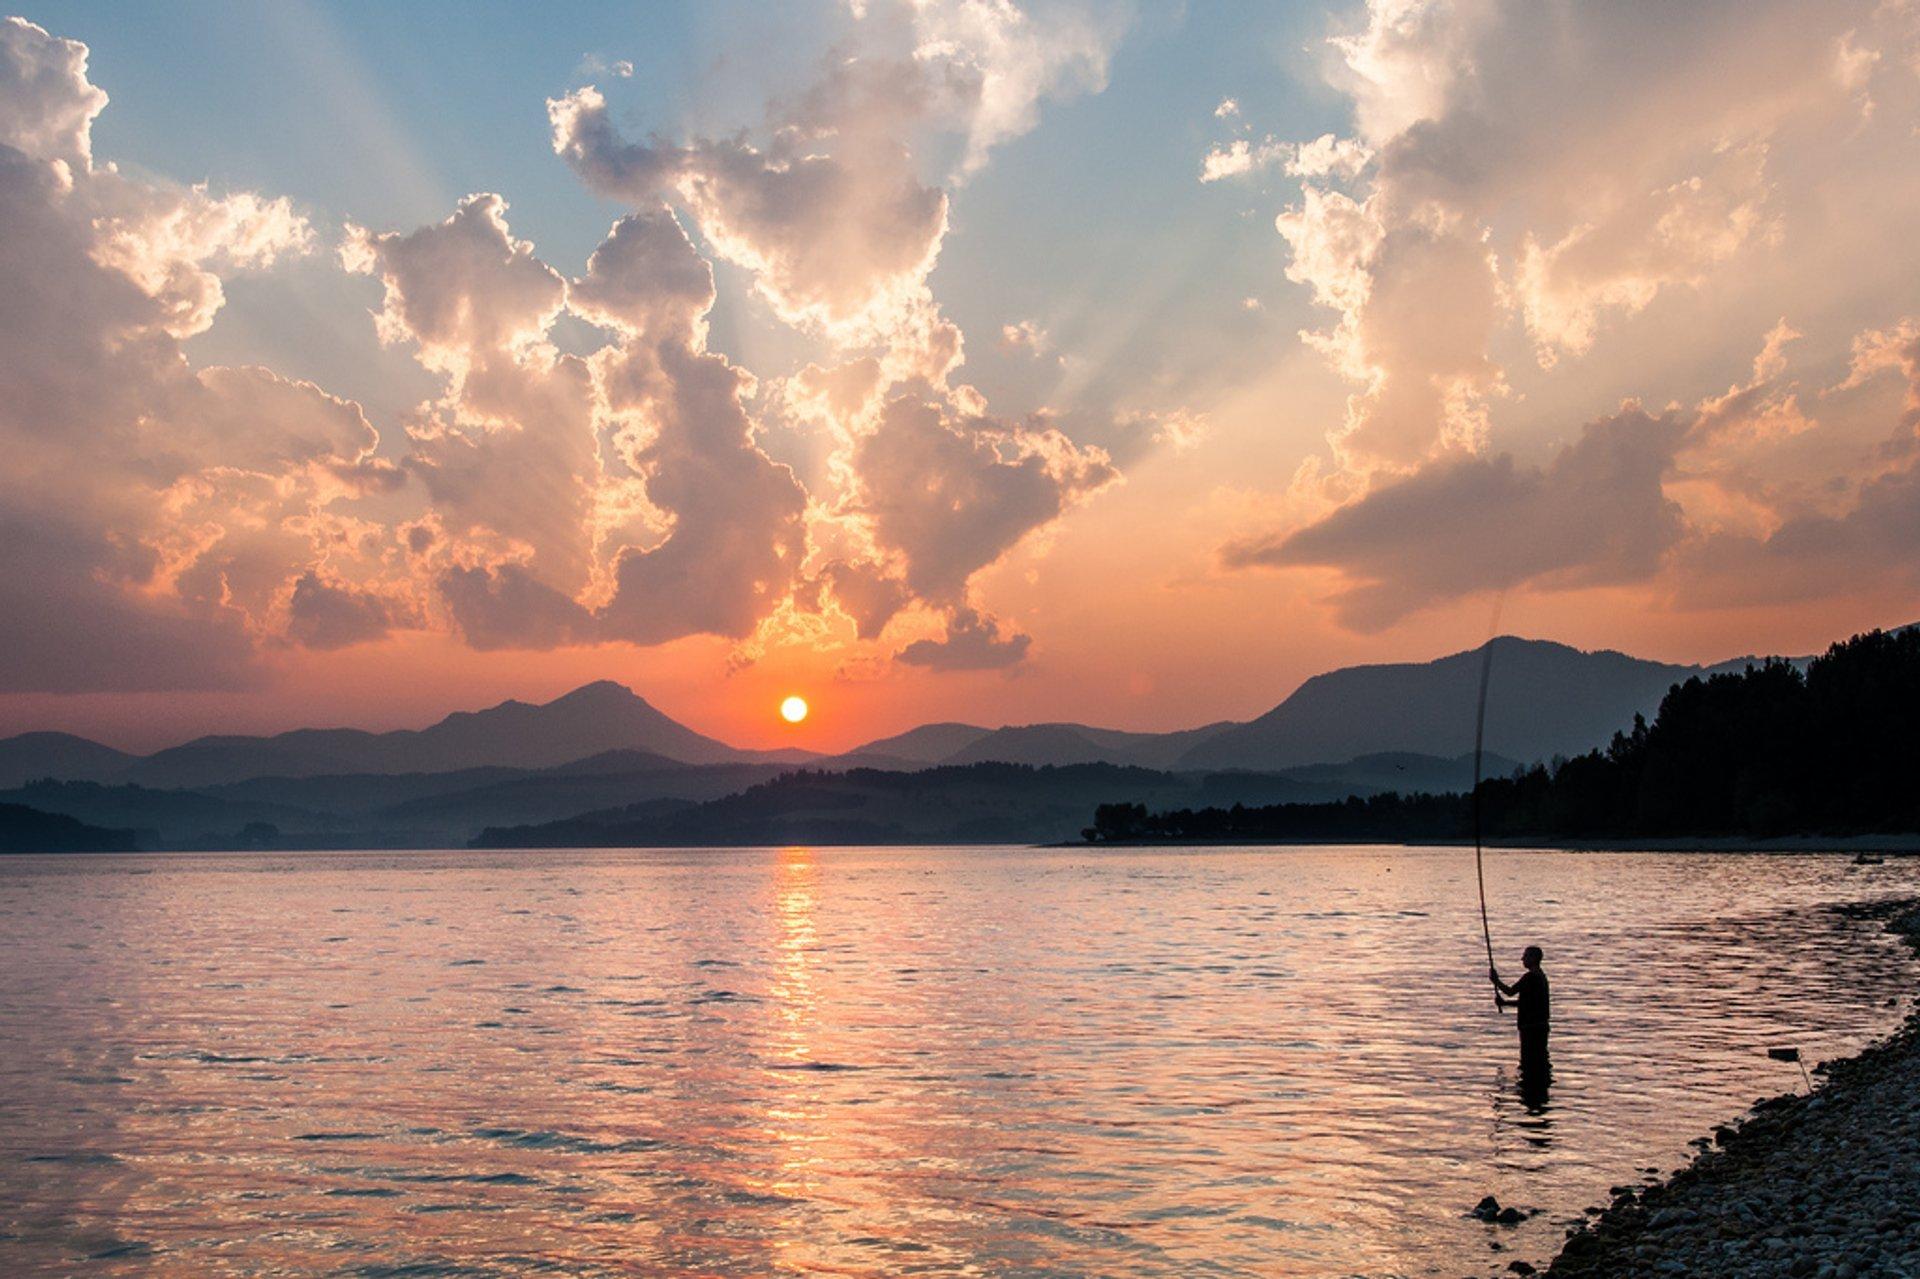 Fishing Season in Slovakia 2019 - Best Time